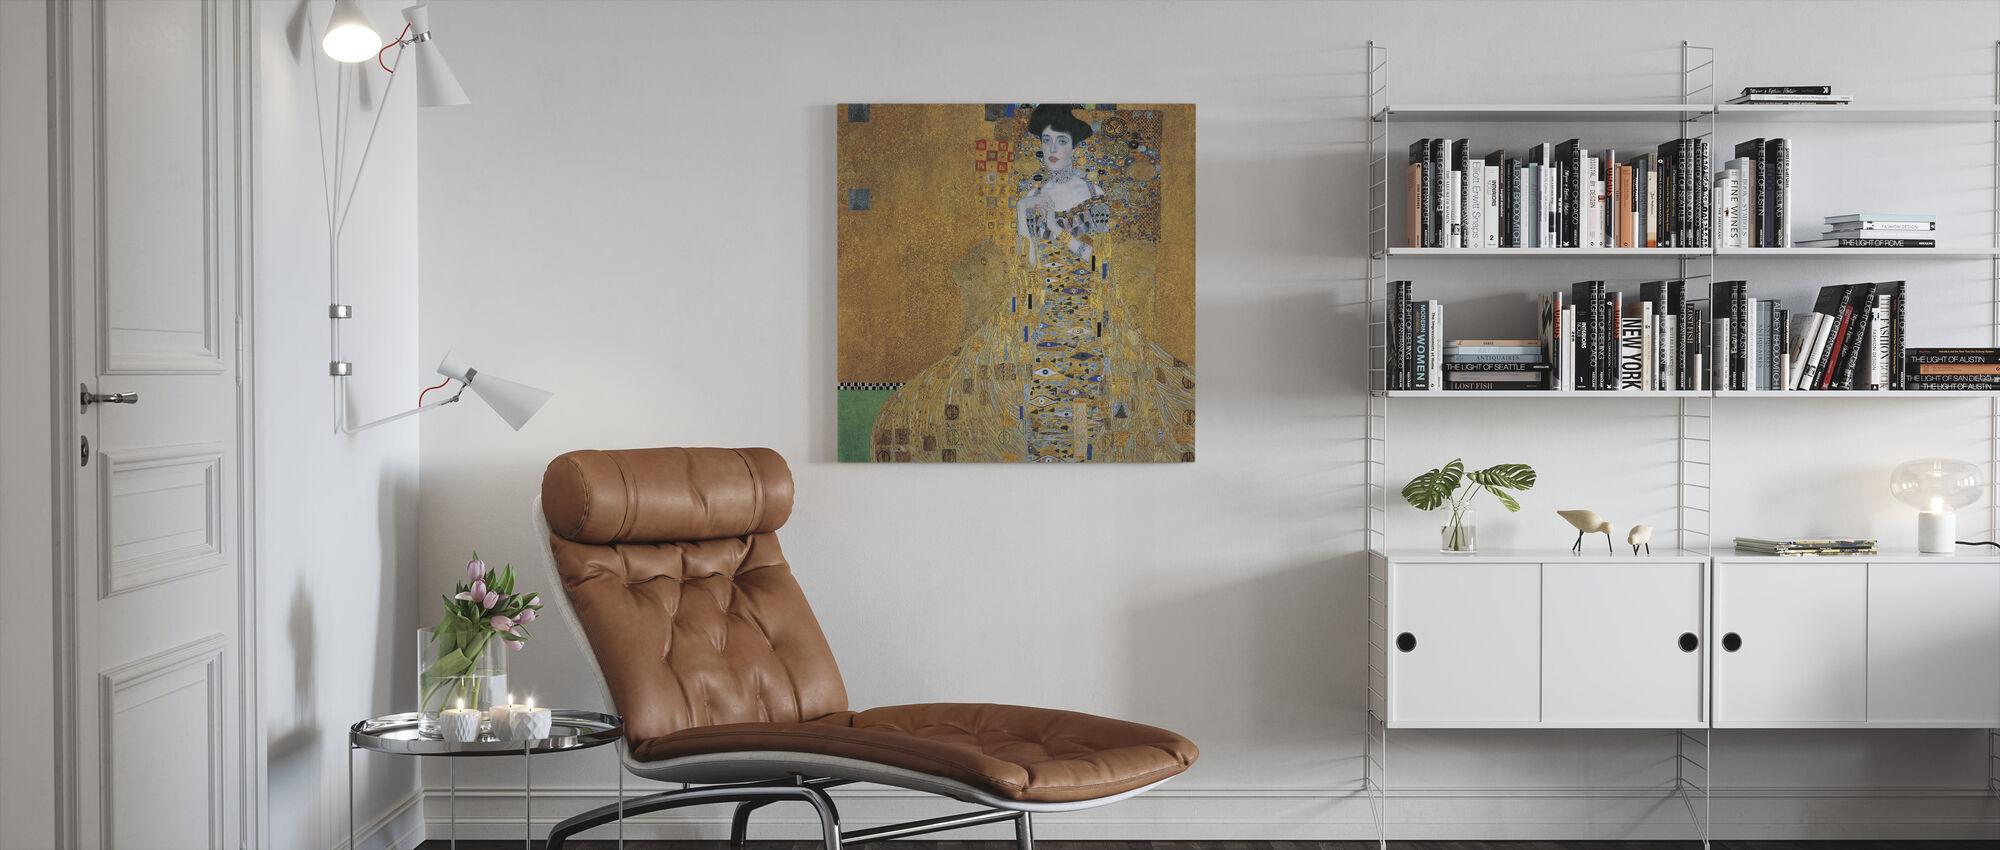 Klimt, Gustav - Adele Bloch-Bauer I - Canvas print - Woonkamer